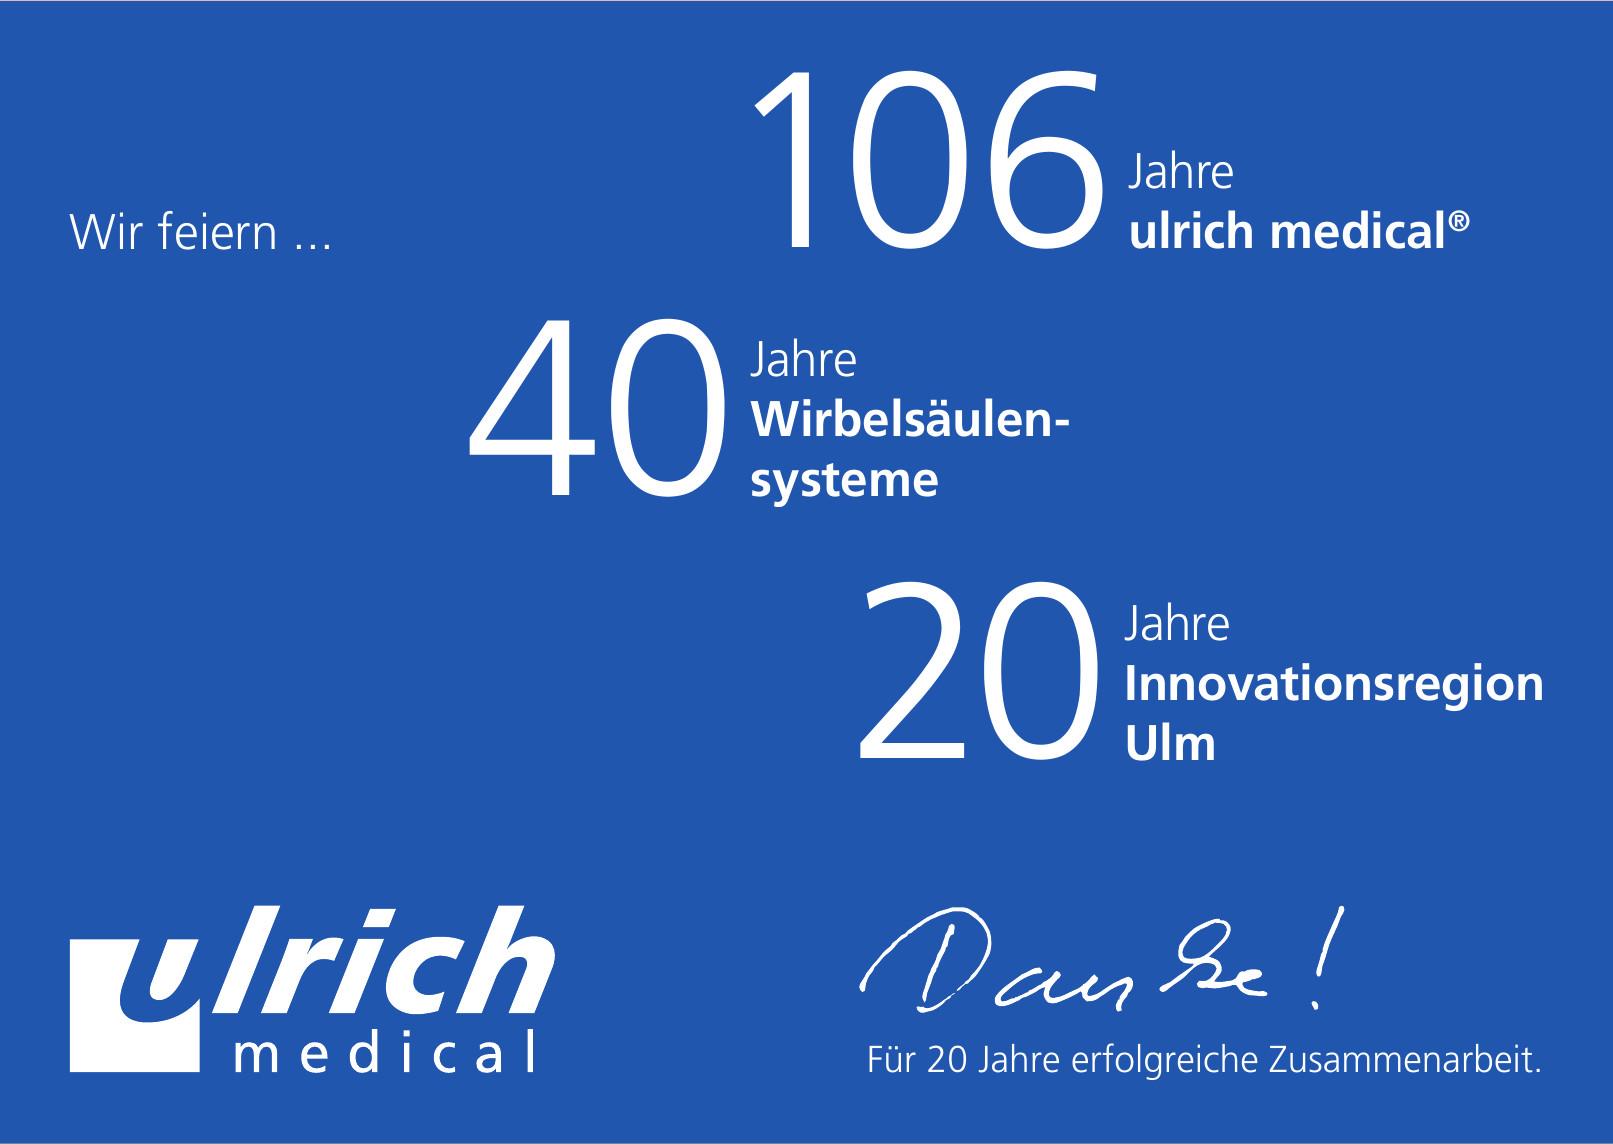 Ulrich Medical